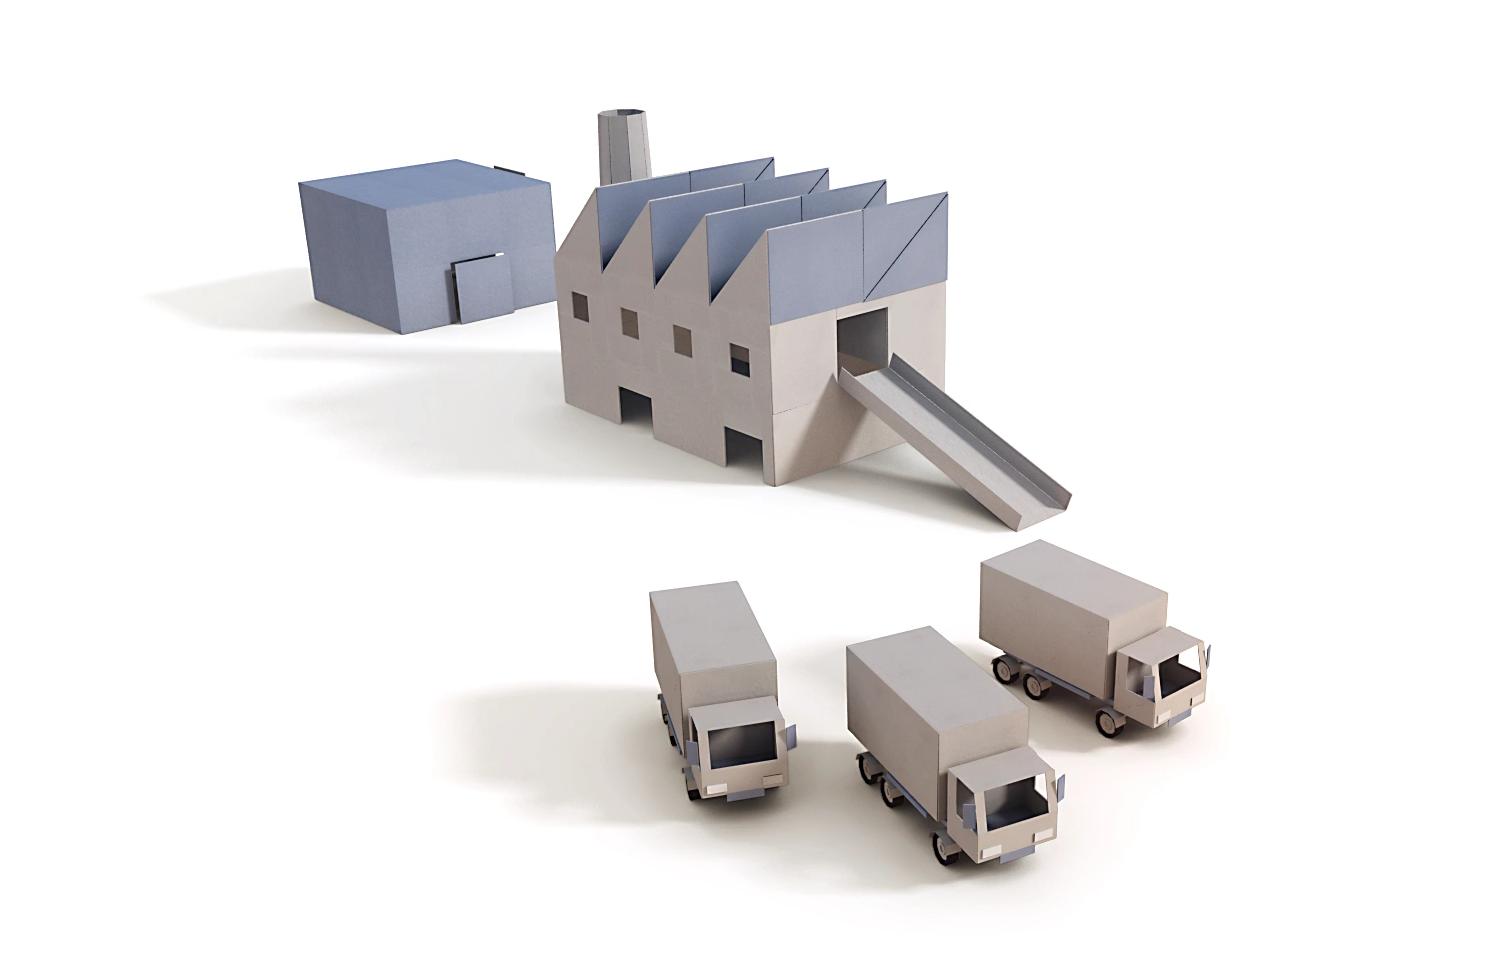 3D uitleg animatie duurzaamheid ESKA karton Groningen Hoogezand